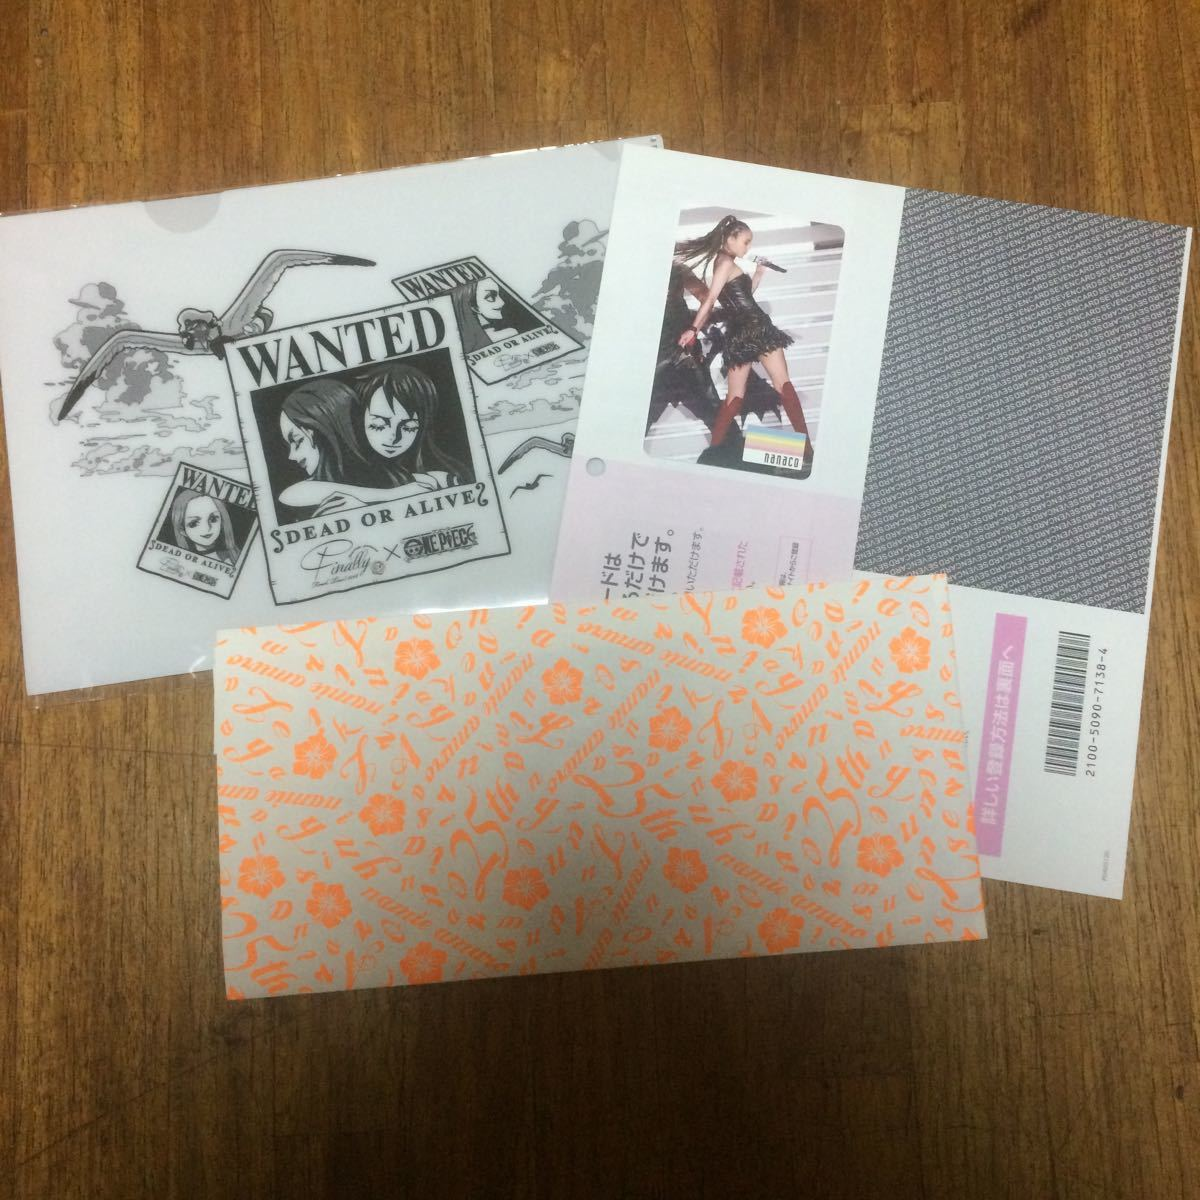 安室奈美恵 nanacoカード&ONE PIECE ミニファイル